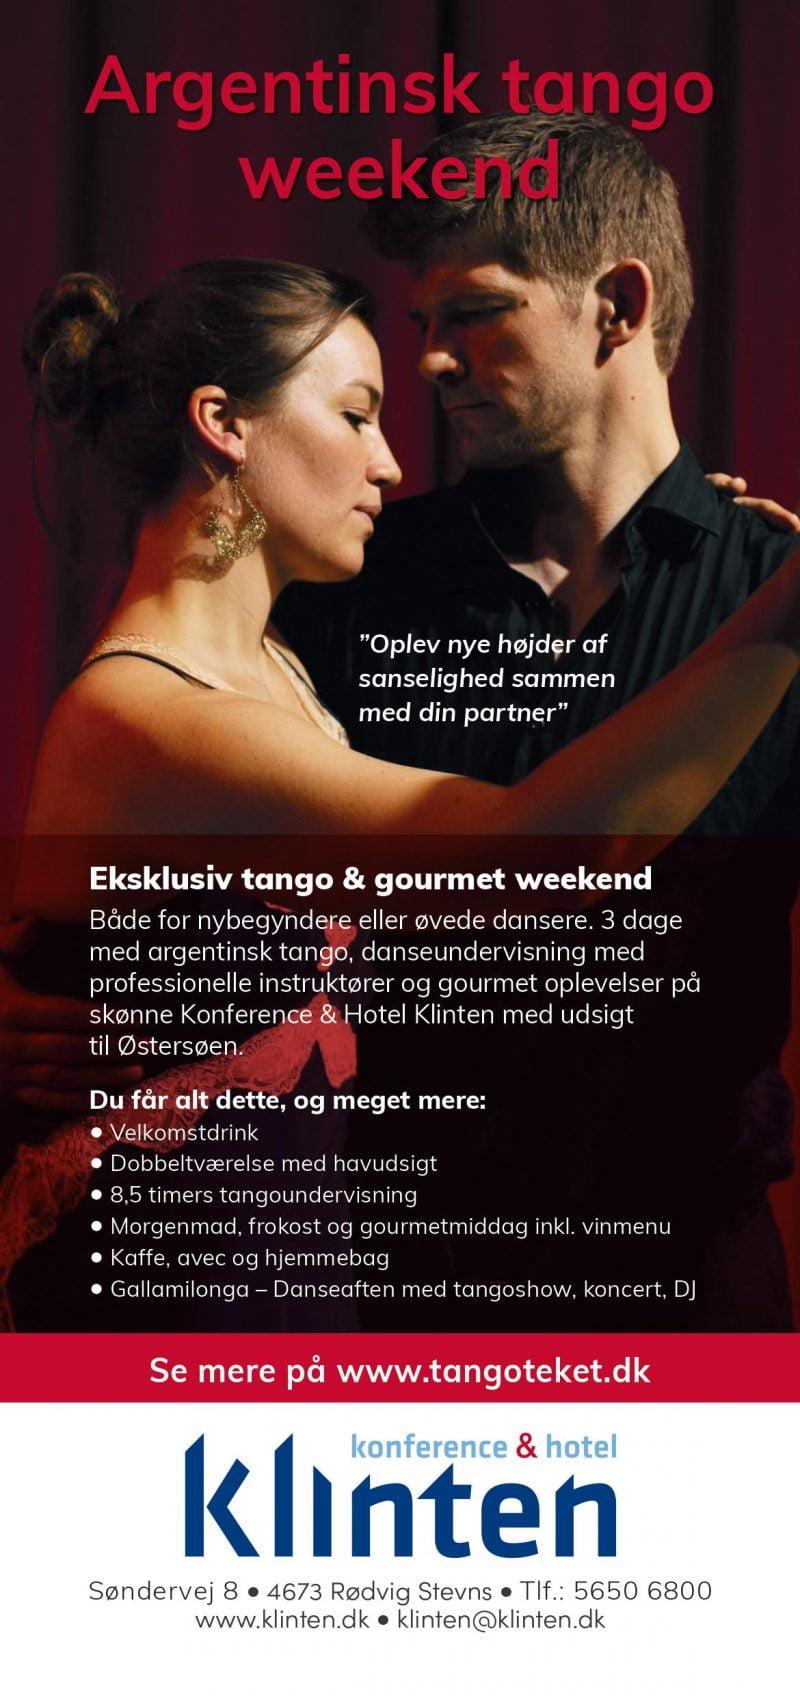 weekendophold dans og gourmet argentinsk tango